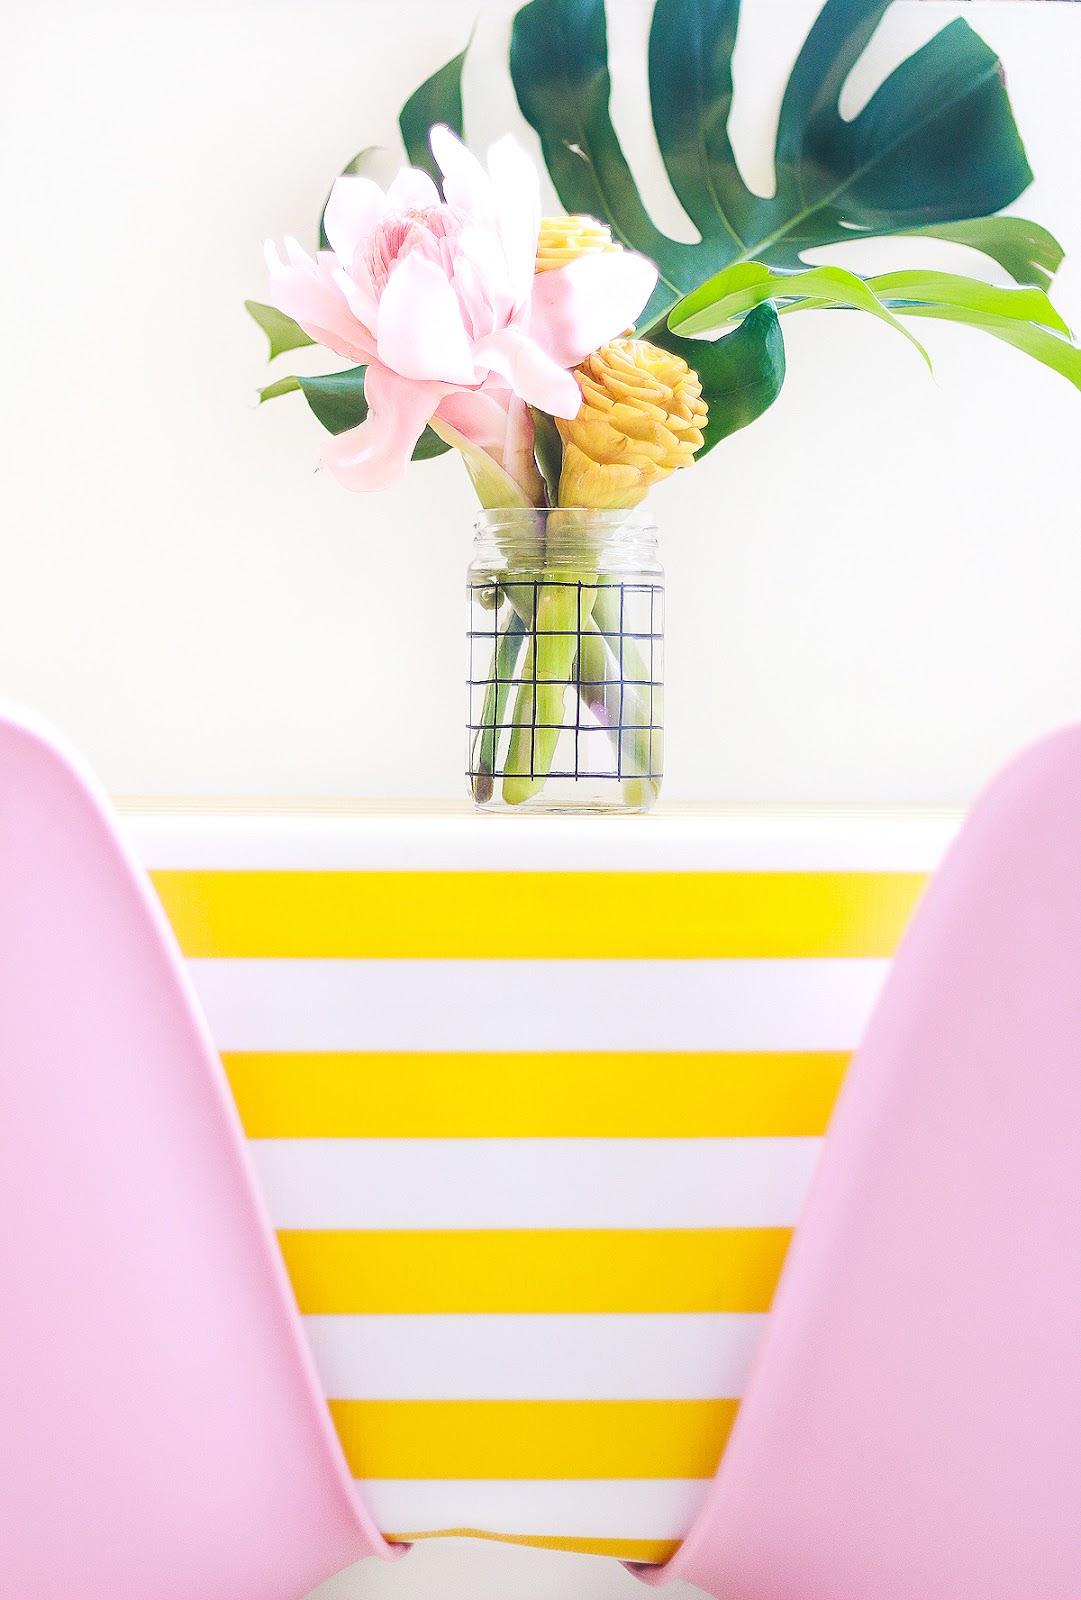 decoração sala colorida mesa de jantar arranjo flores tropicais bastao do imperador gengibre decorativo